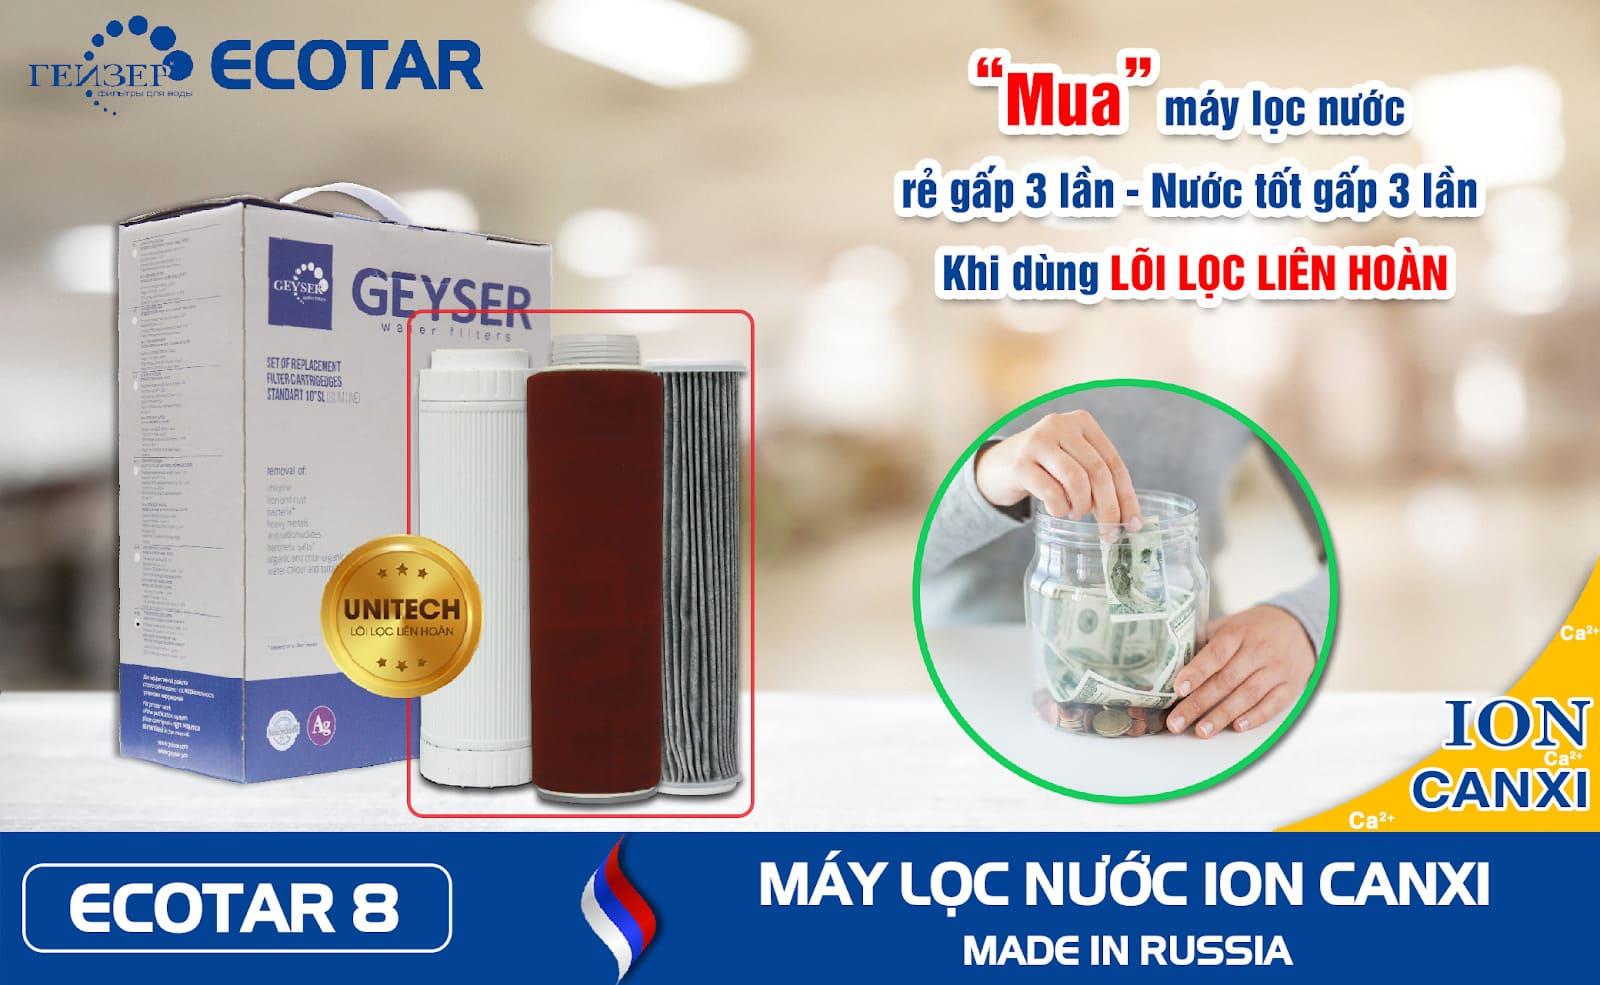 Máy lọc nước thông minh Geyser Ecotar 8 tiết kiệm hơn